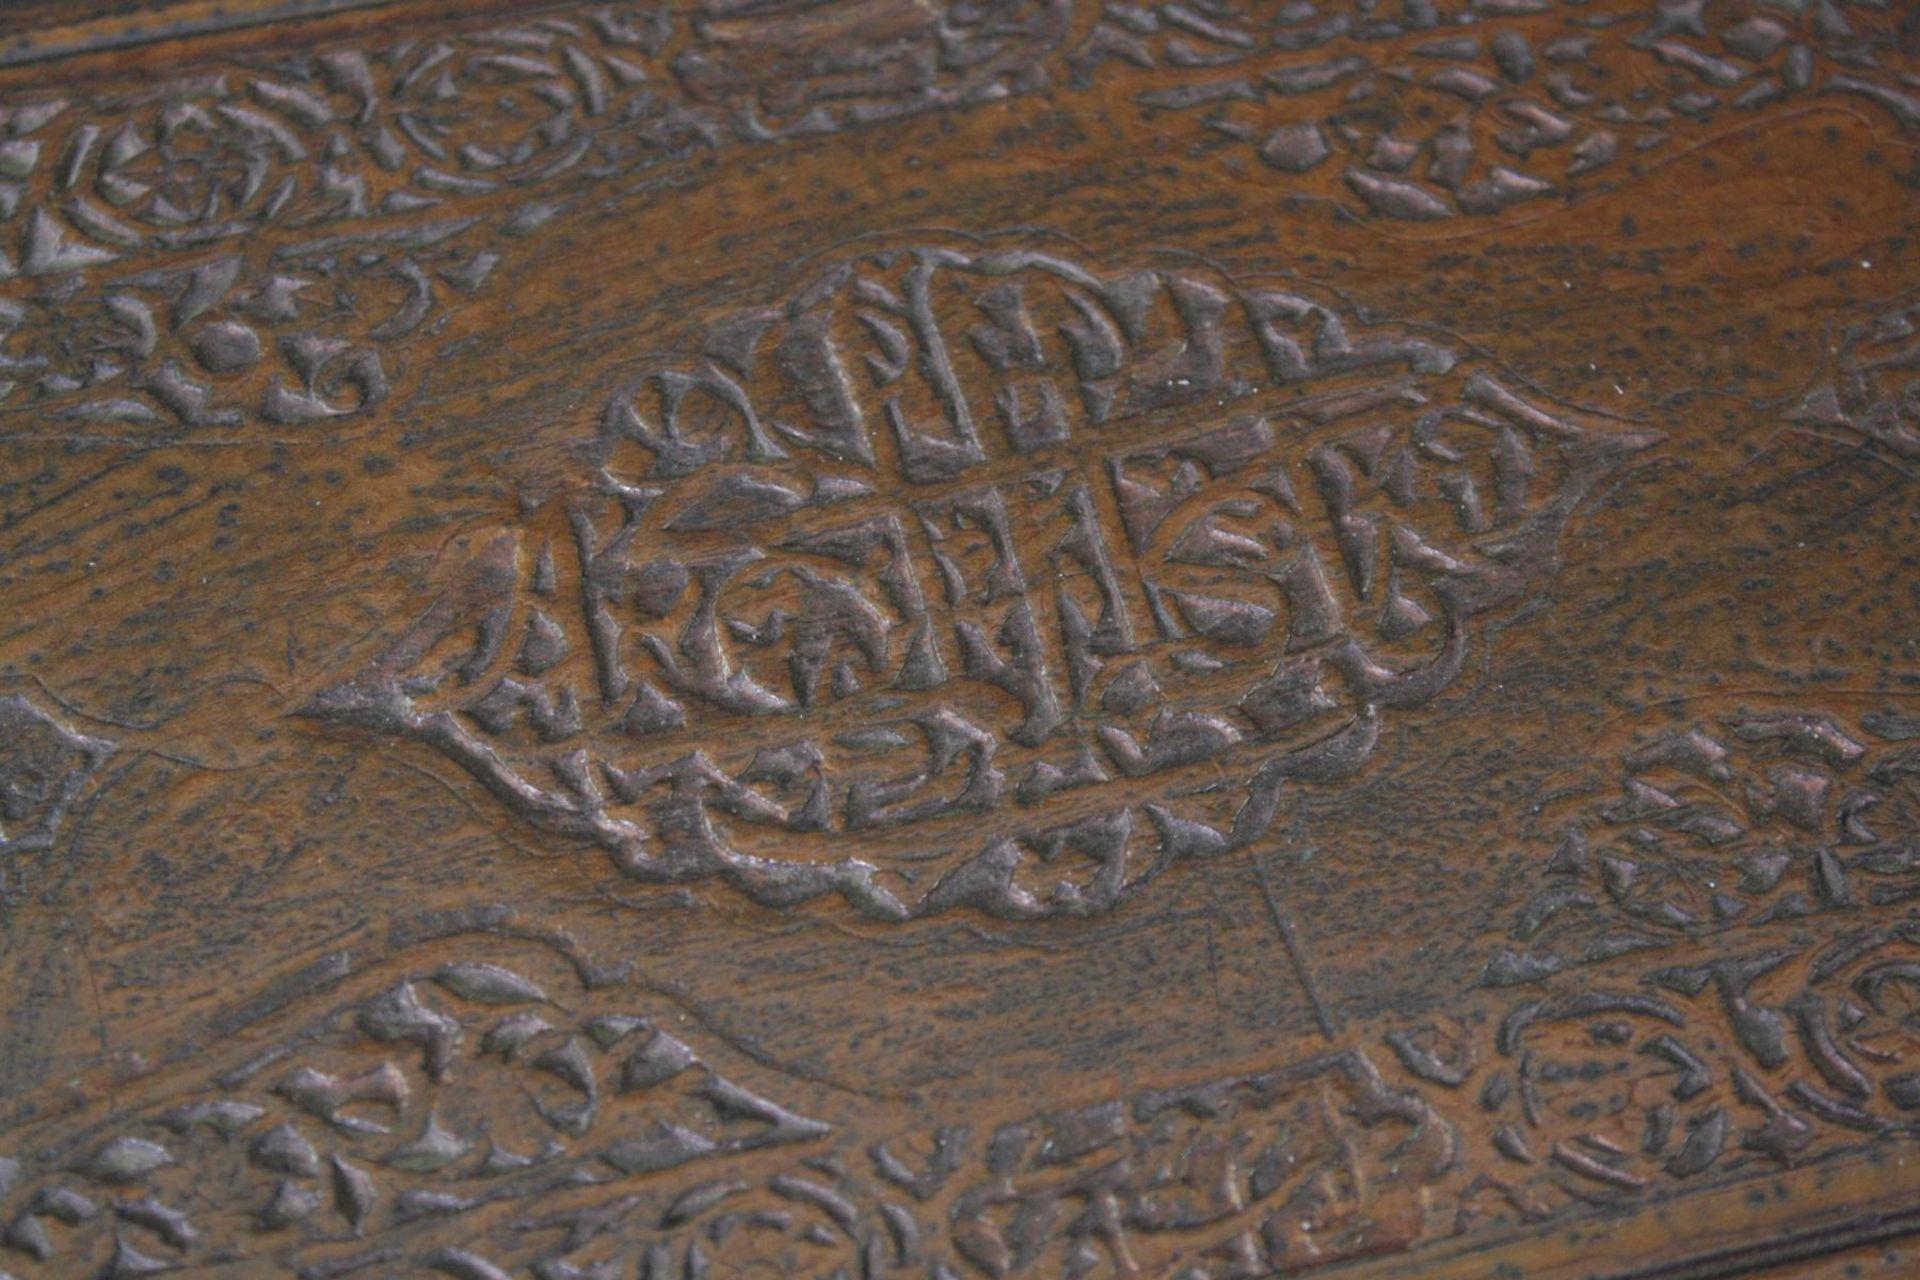 Zwei Waagen im Kasten, Iran 18. Jahrhundert - Bild 2 aus 6